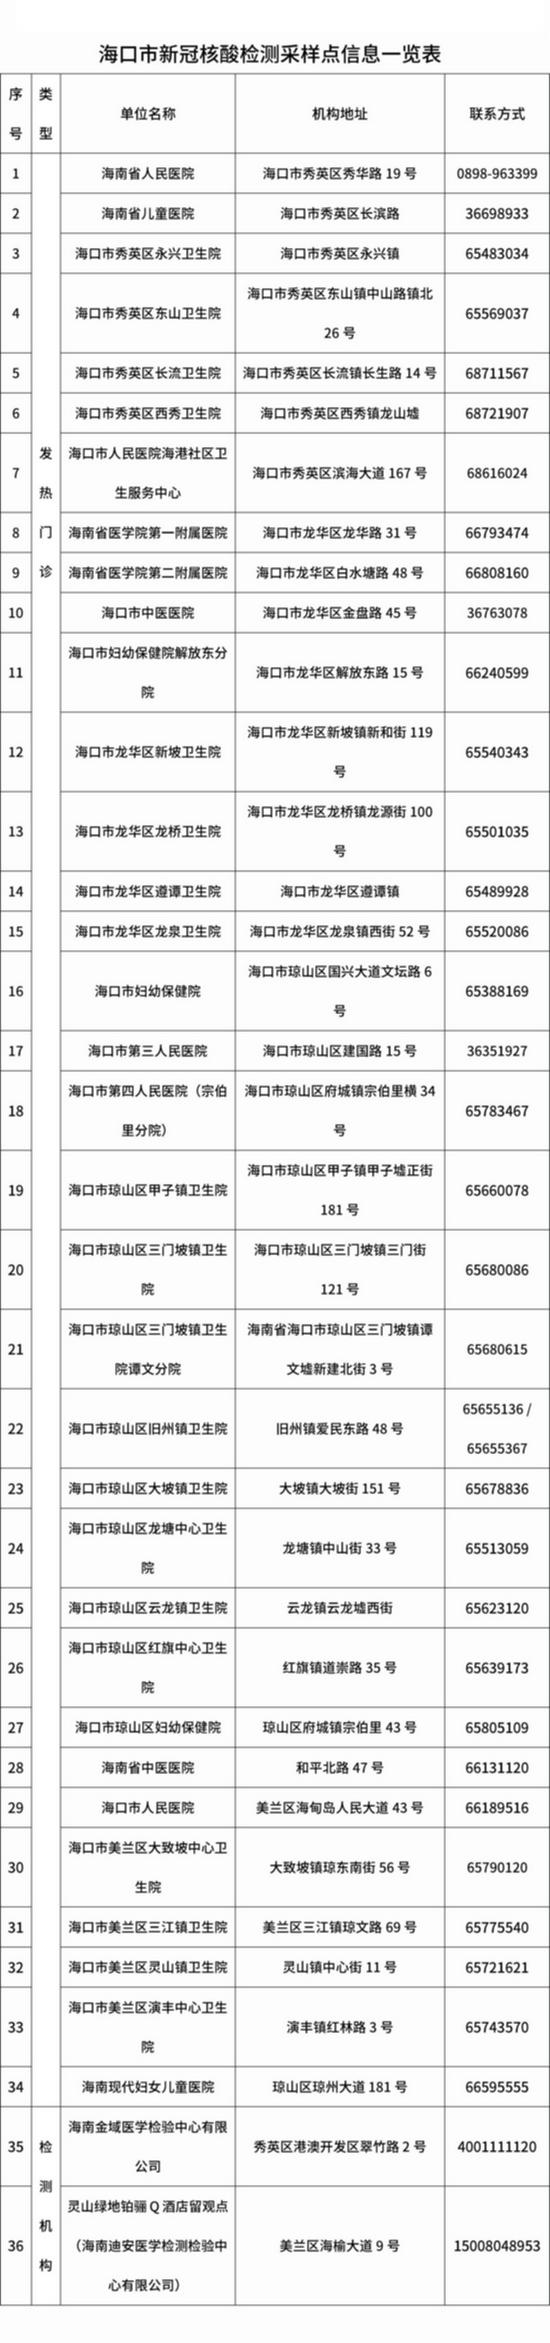 (海口市核酸检测点一览表)